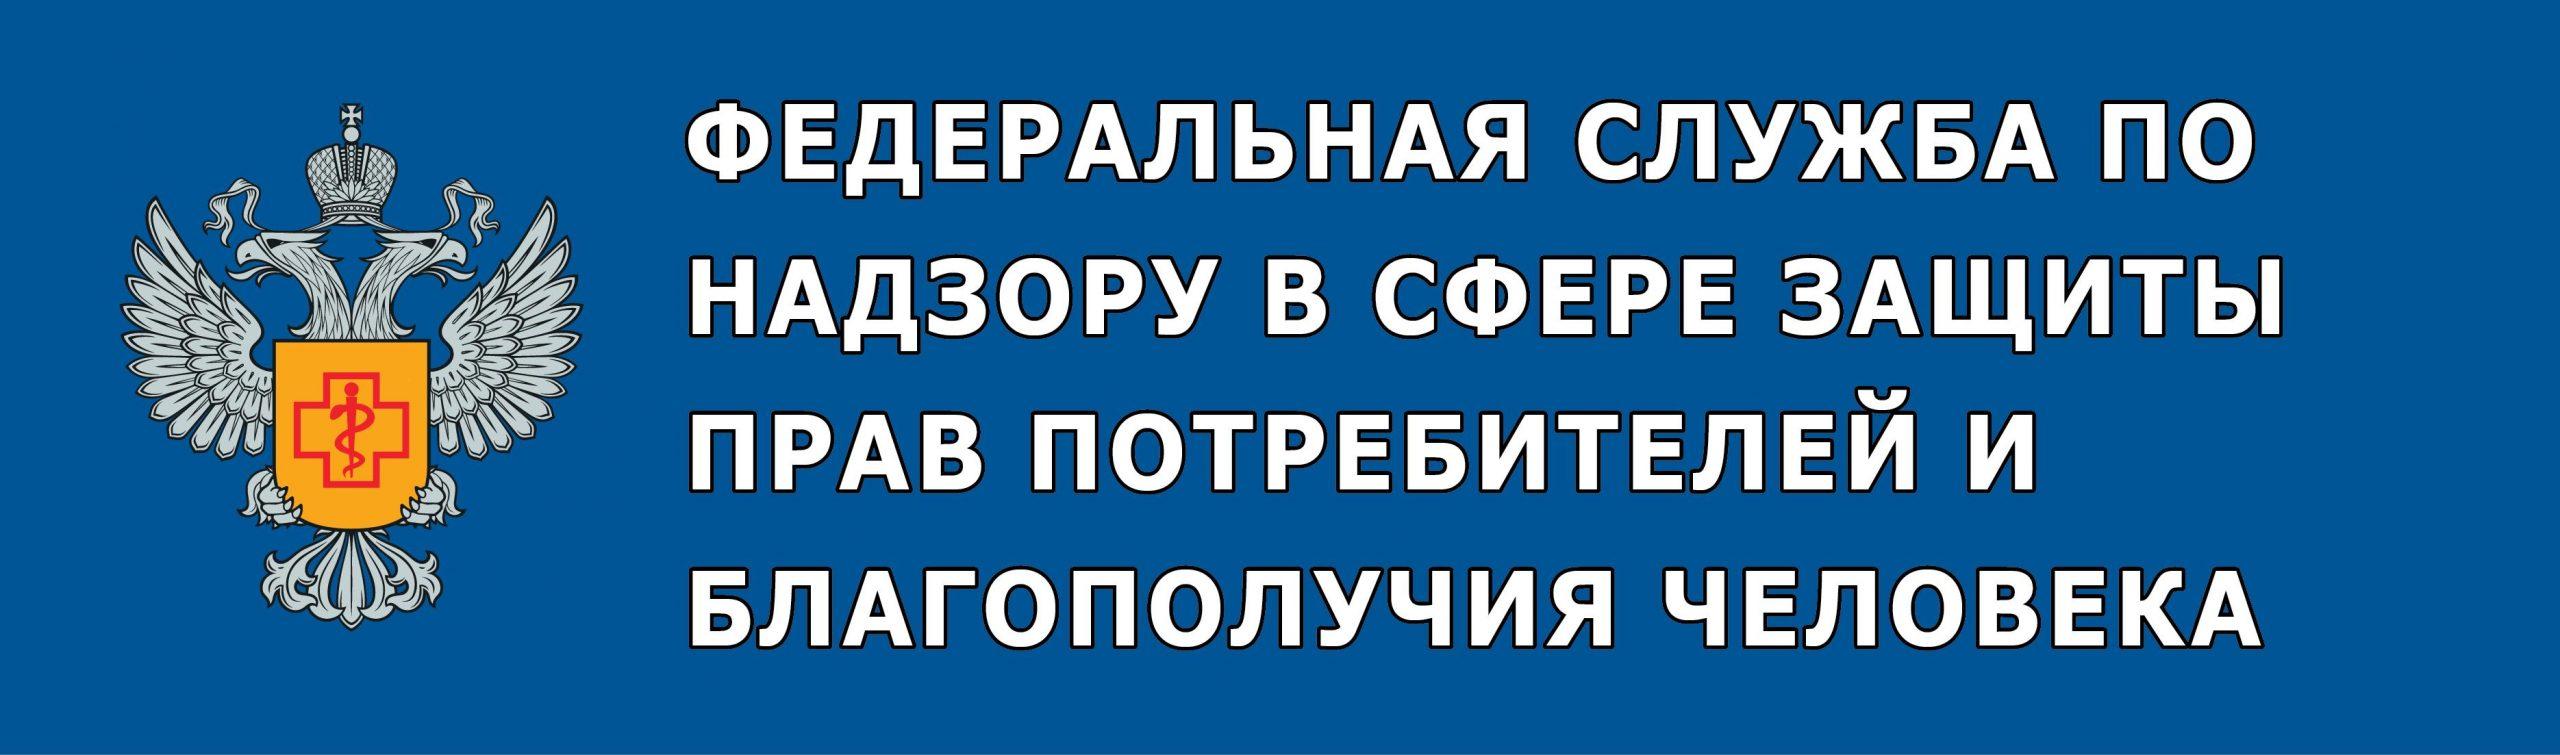 Управление Федеральной службы по надзору в сфере защиты прав потребителей и благополучия человека по Оренбургской области